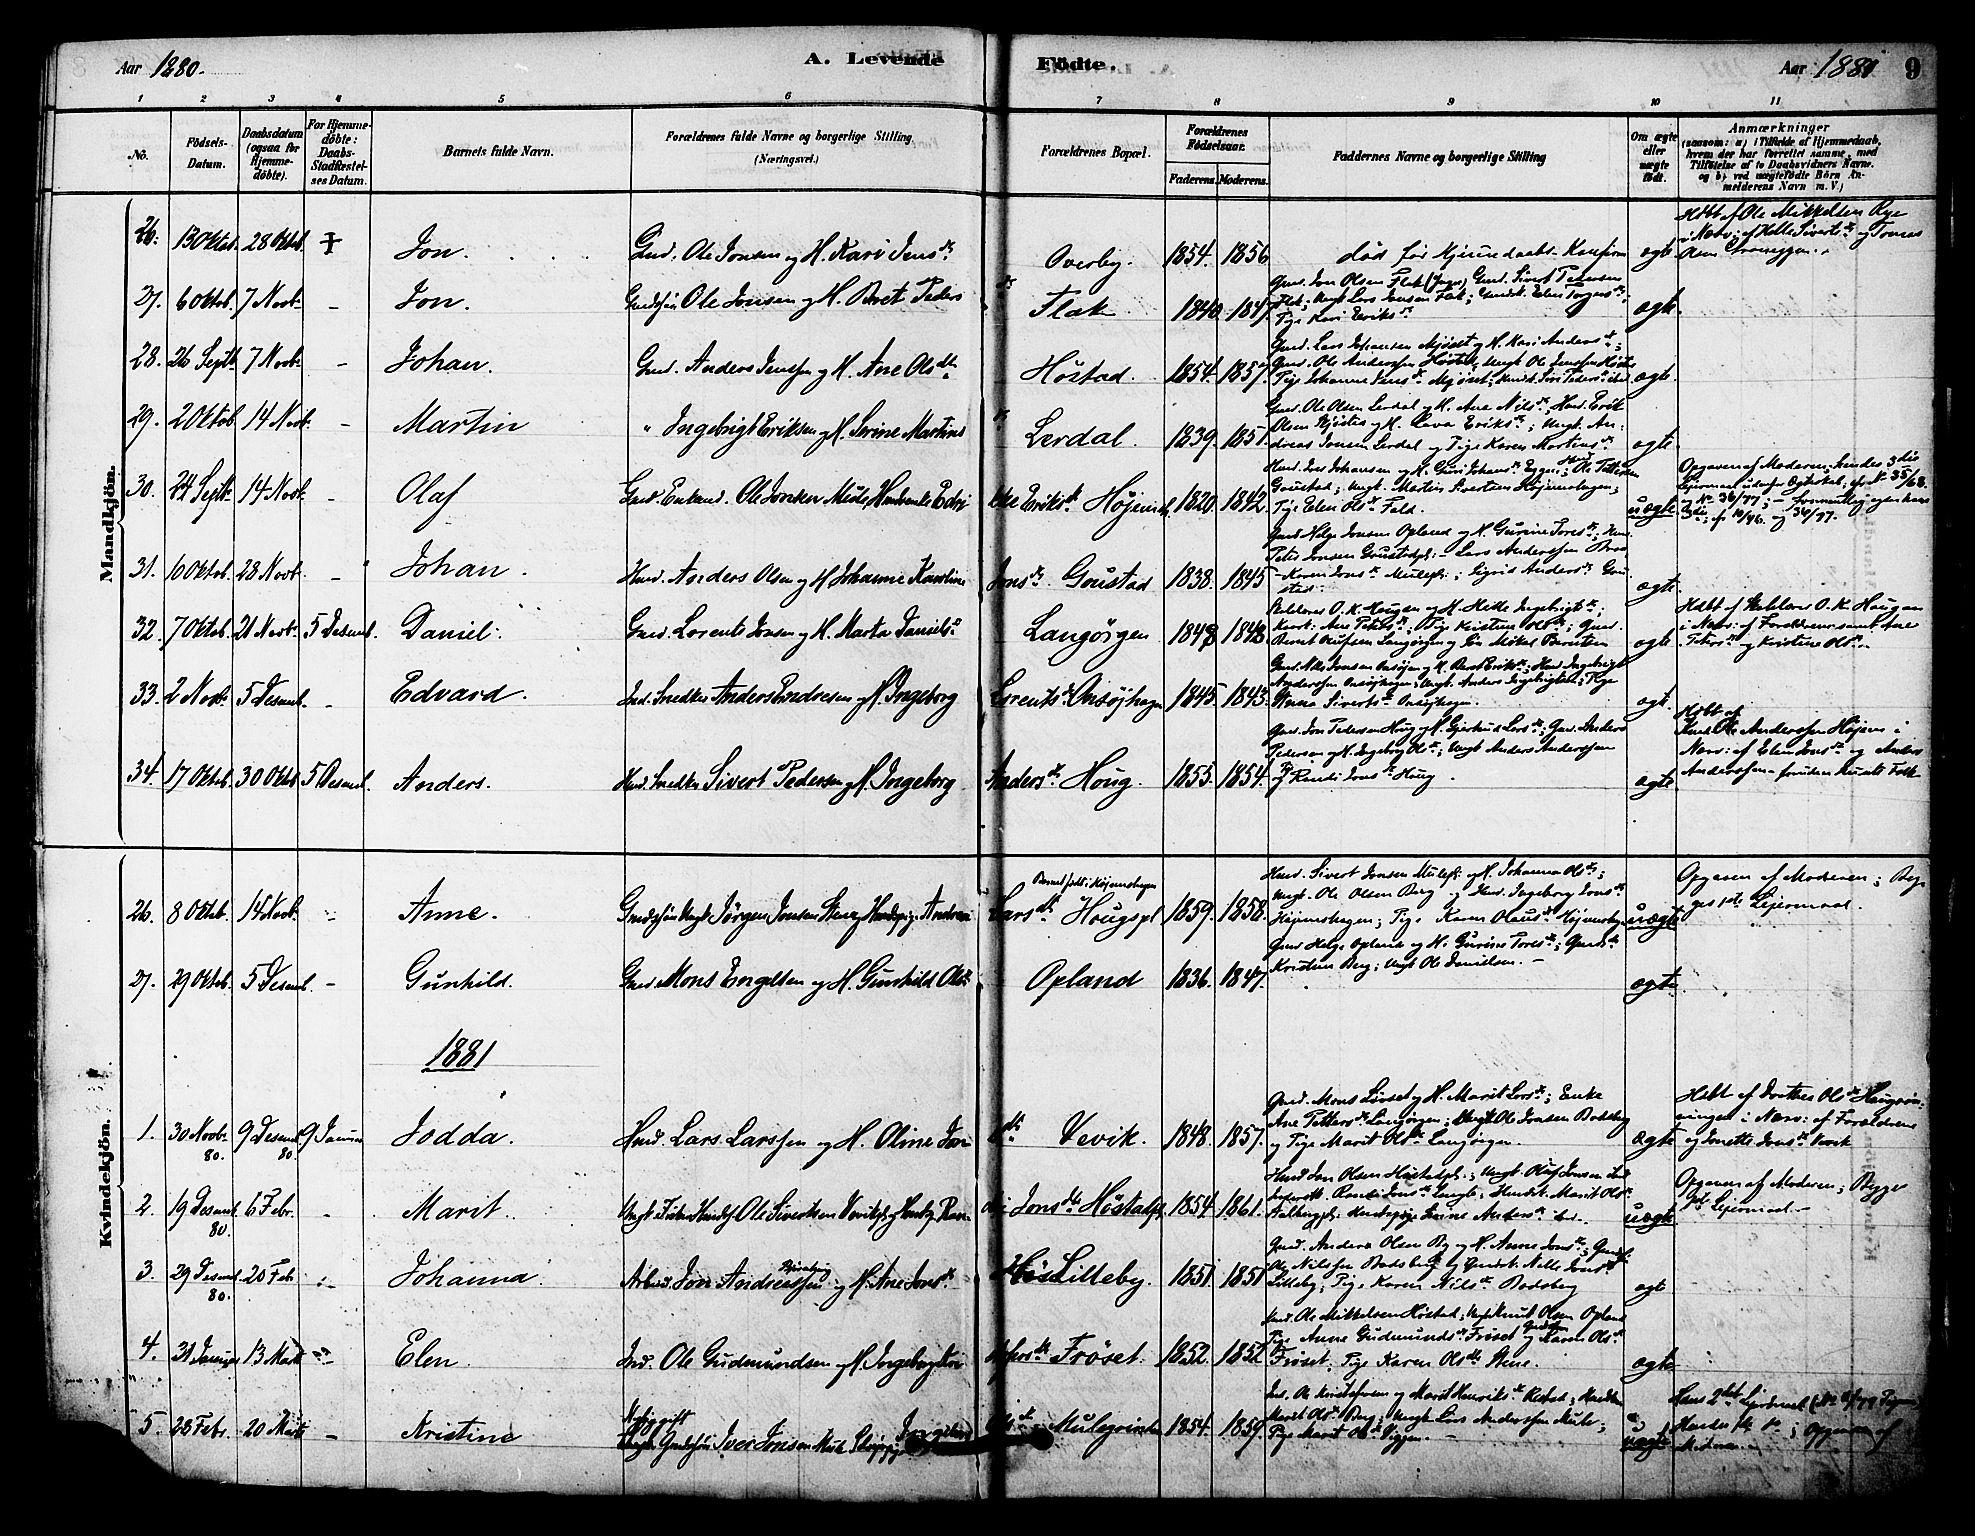 SAT, Ministerialprotokoller, klokkerbøker og fødselsregistre - Sør-Trøndelag, 612/L0378: Ministerialbok nr. 612A10, 1878-1897, s. 9